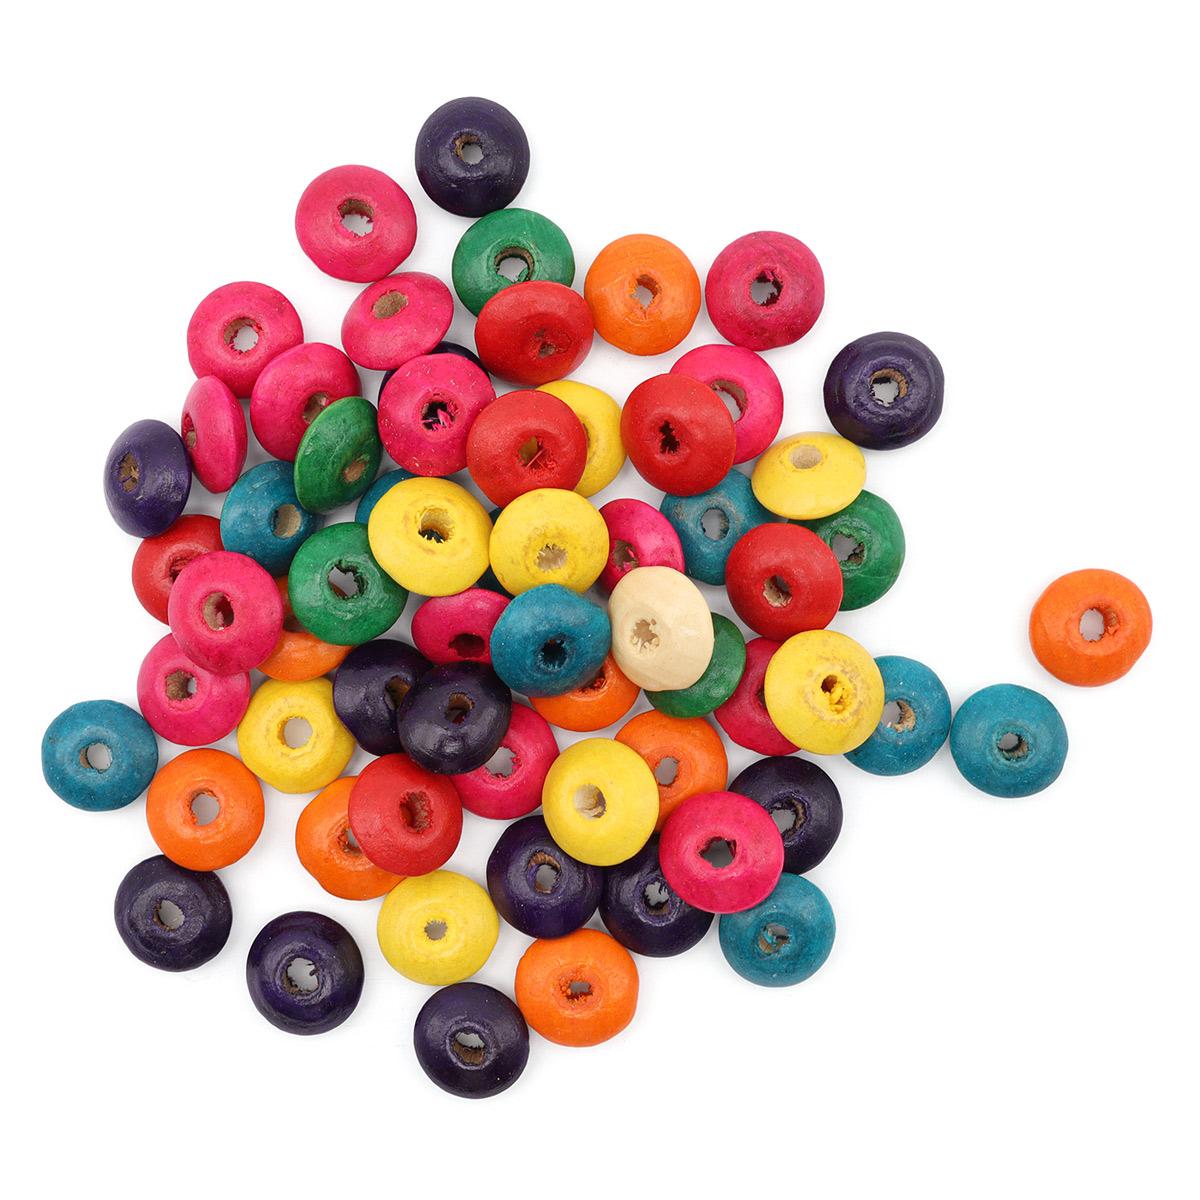 WDB0459 Деревянные бусины, разноцветные, 6*14 мм, упак./60 шт., 'Астра'